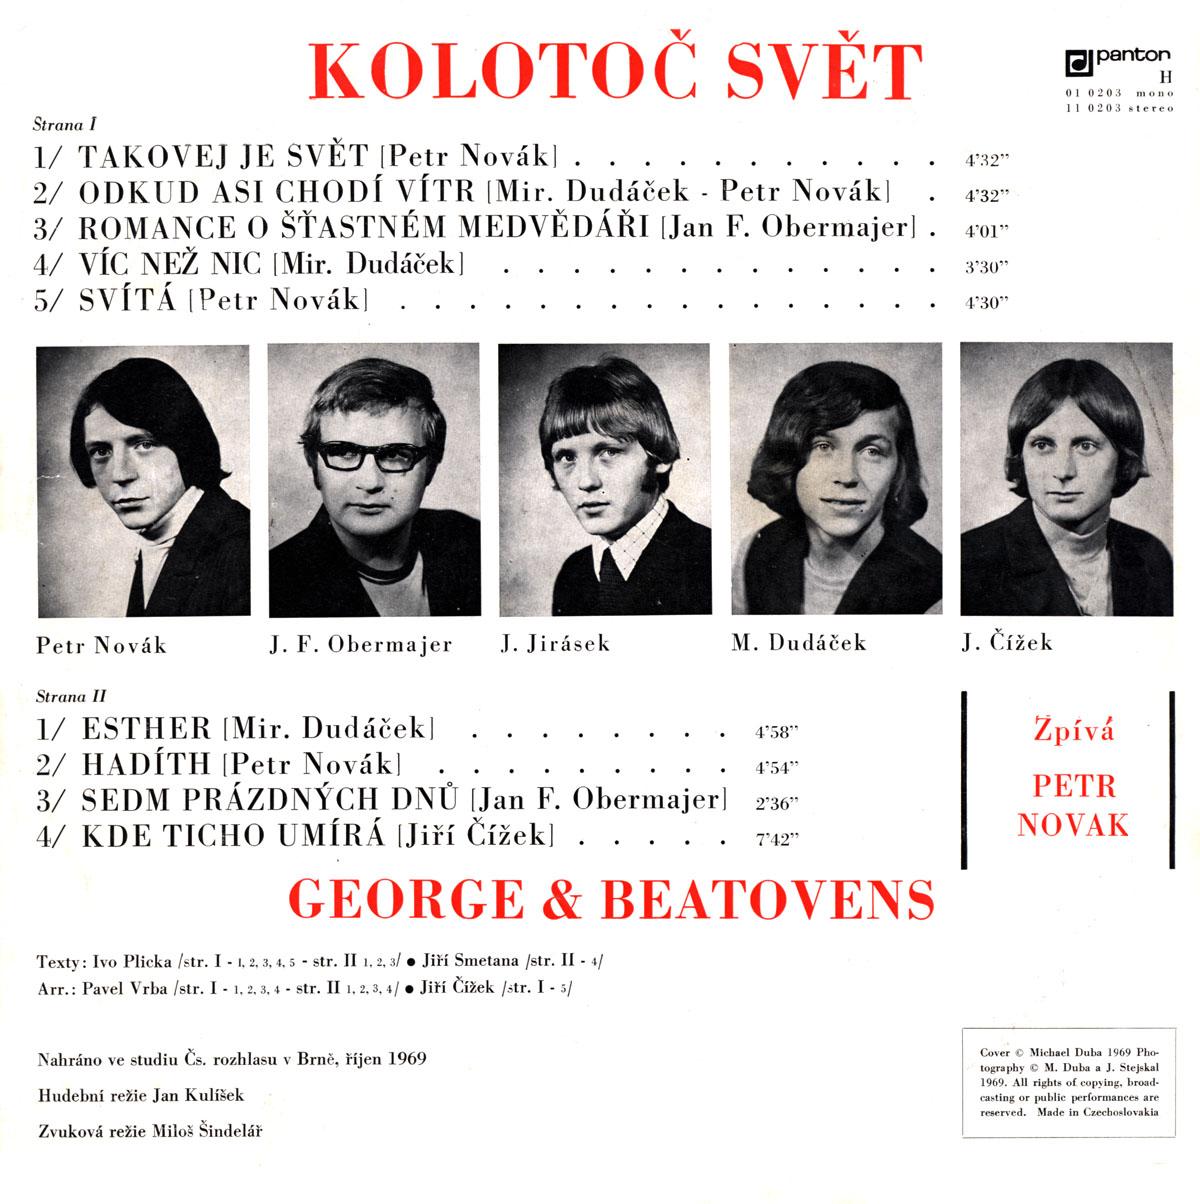 PETR NOVÁK / GEORGE & BEATOVENS - KOLOTOČ SVĚT 2